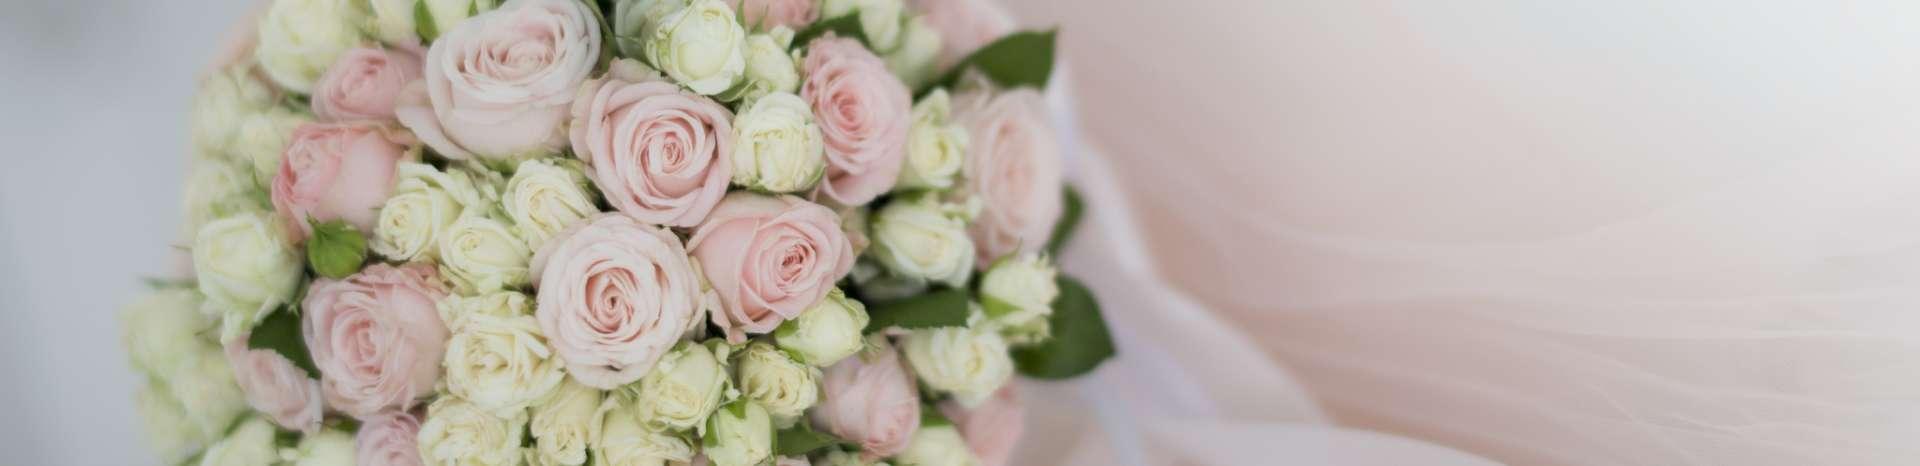 Розы - фаворит свадебного декора